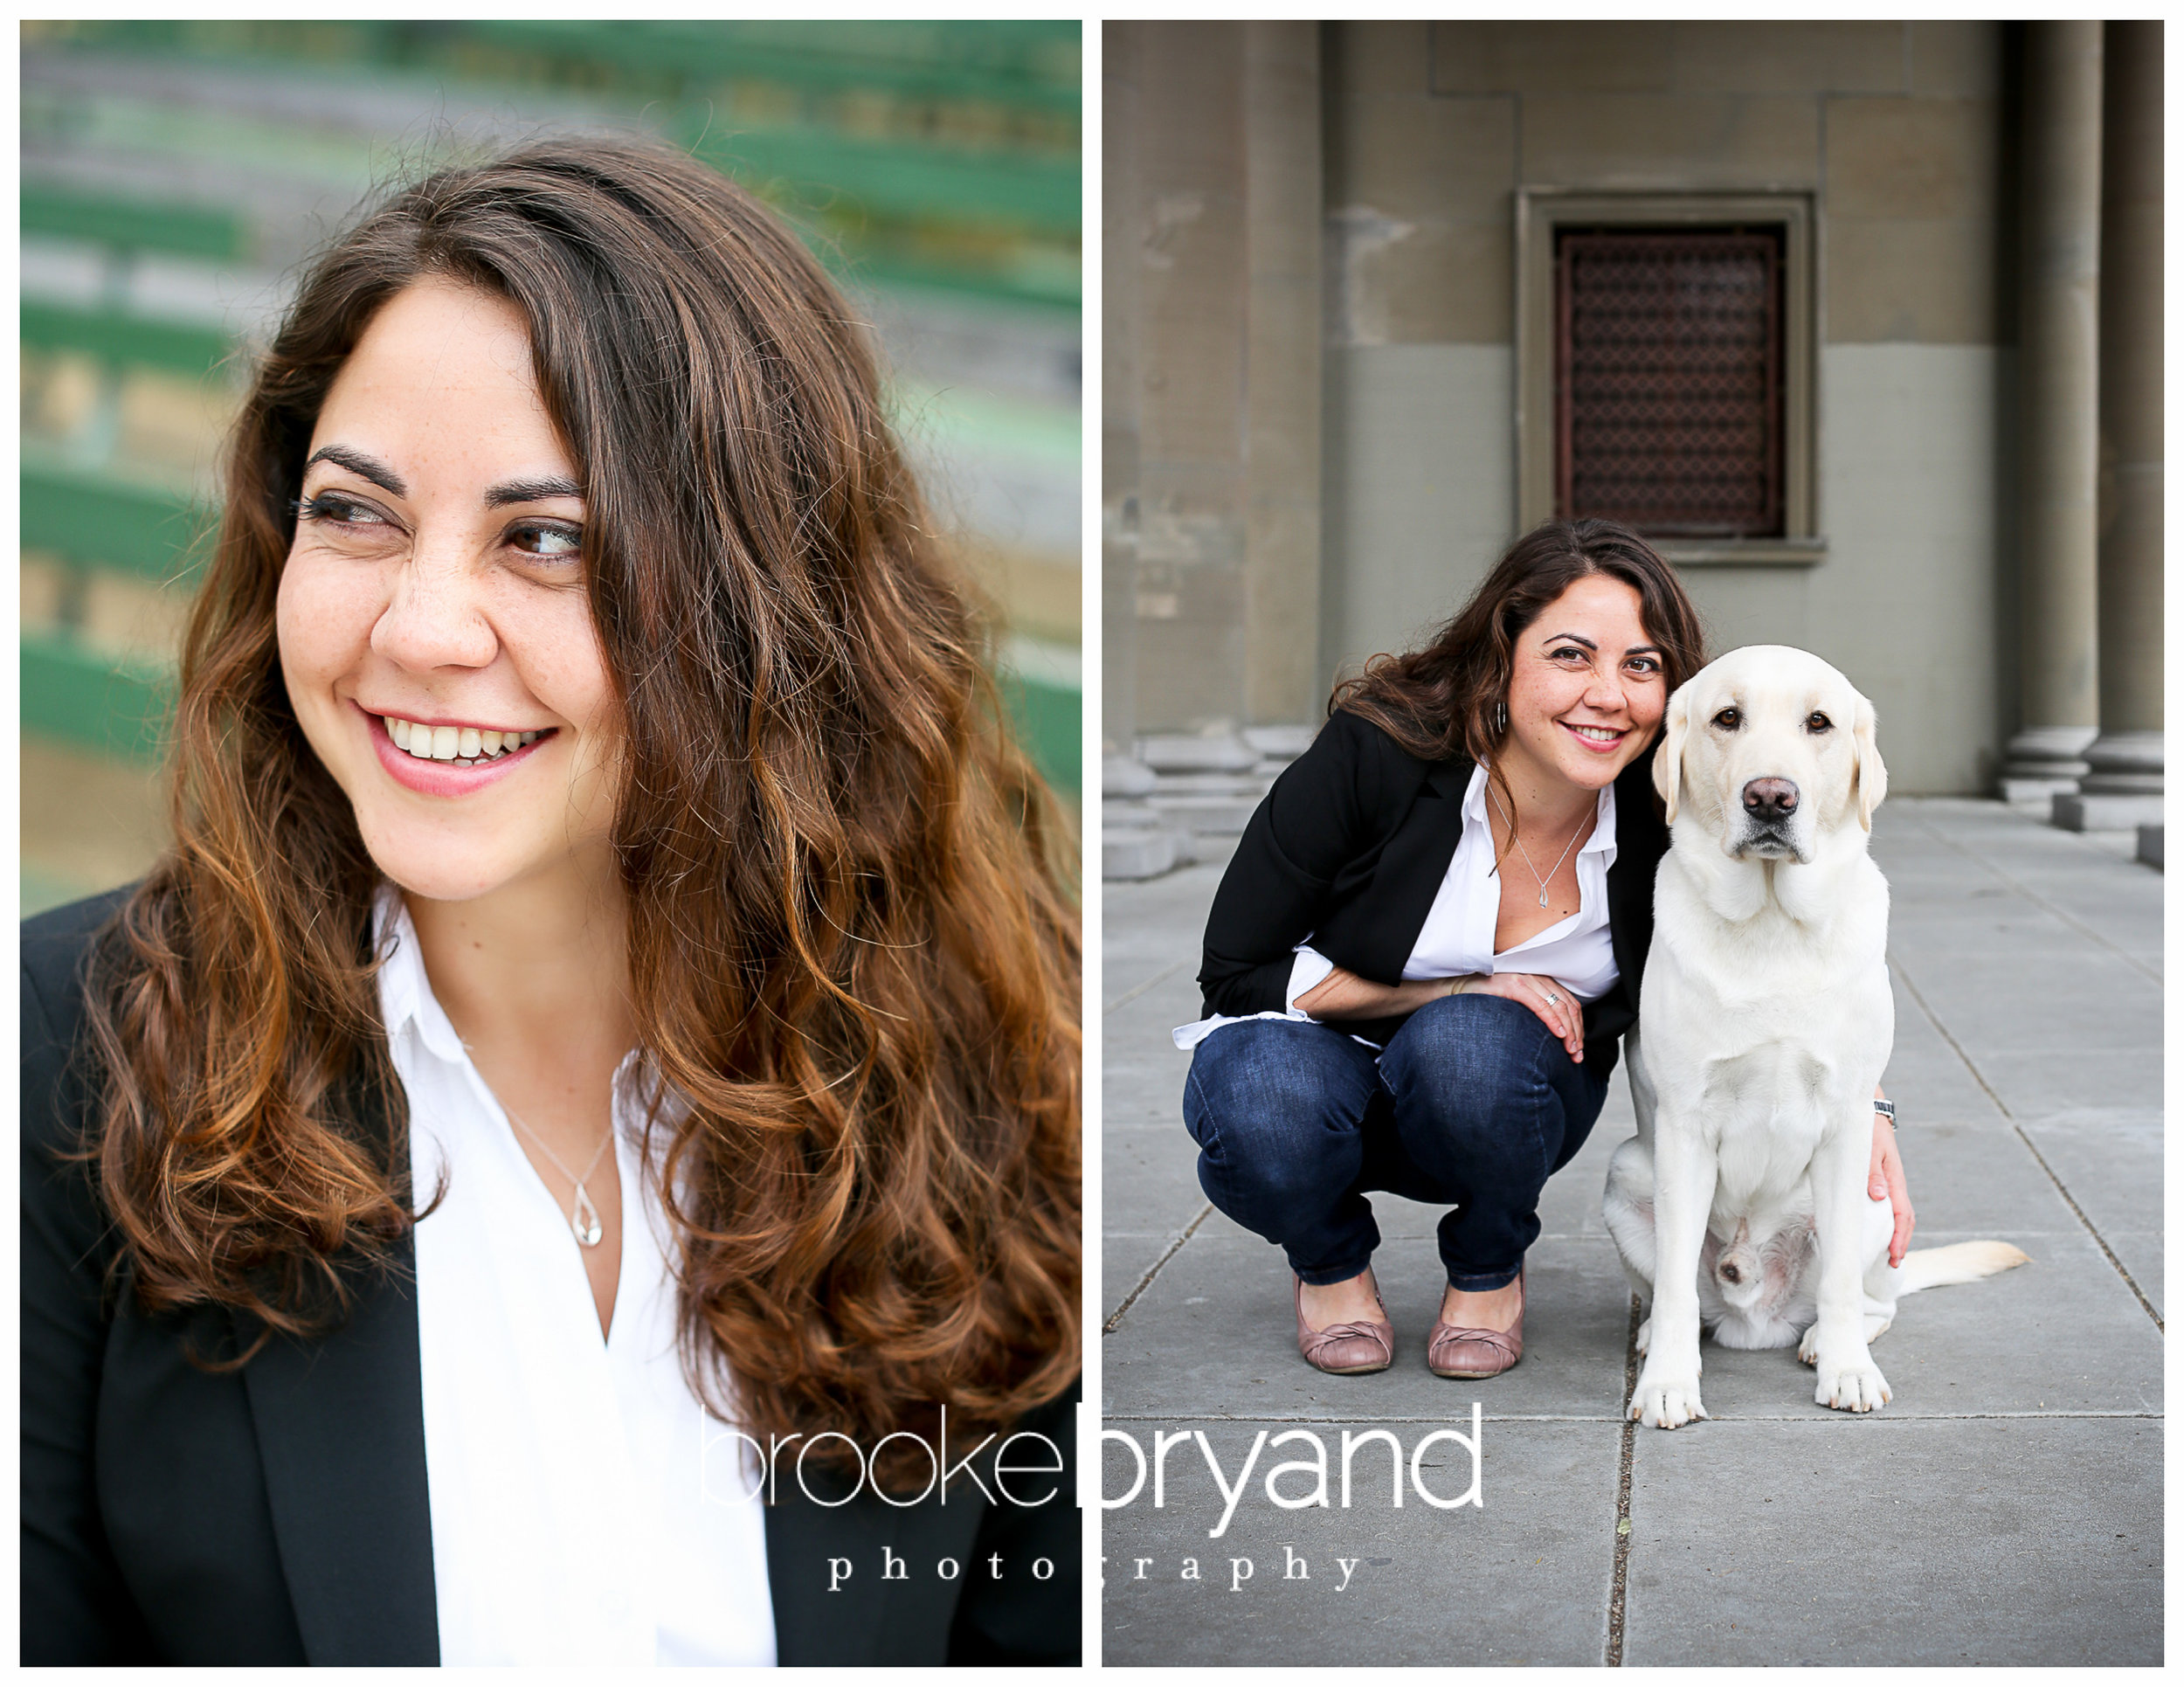 Brooke-Bryand-Photography-San-Francisco-Headshot-Photographer-2-up-goosedog-2.jpg